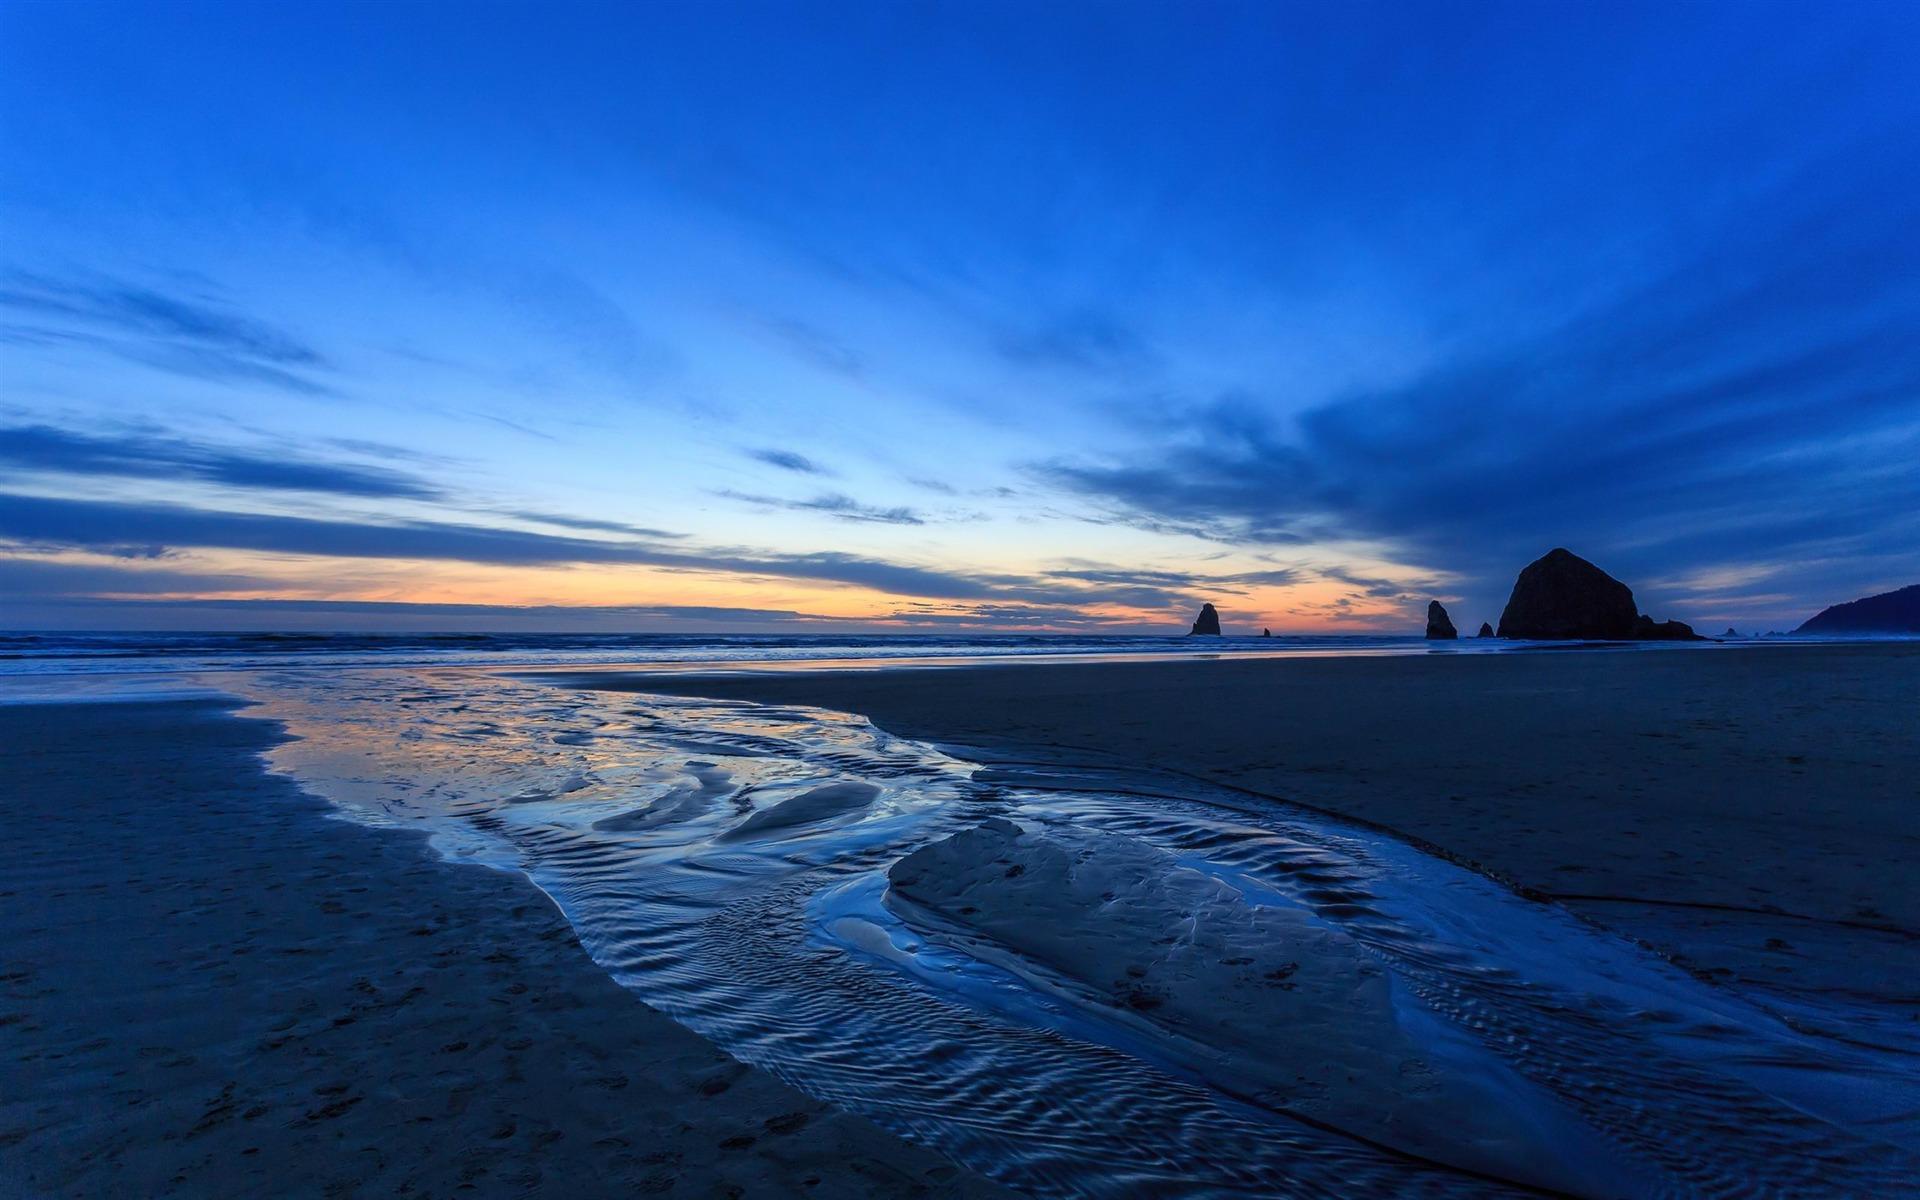 Scenic Beach Hd Photo Wallpaper: Oregon Scenery Wallpaper